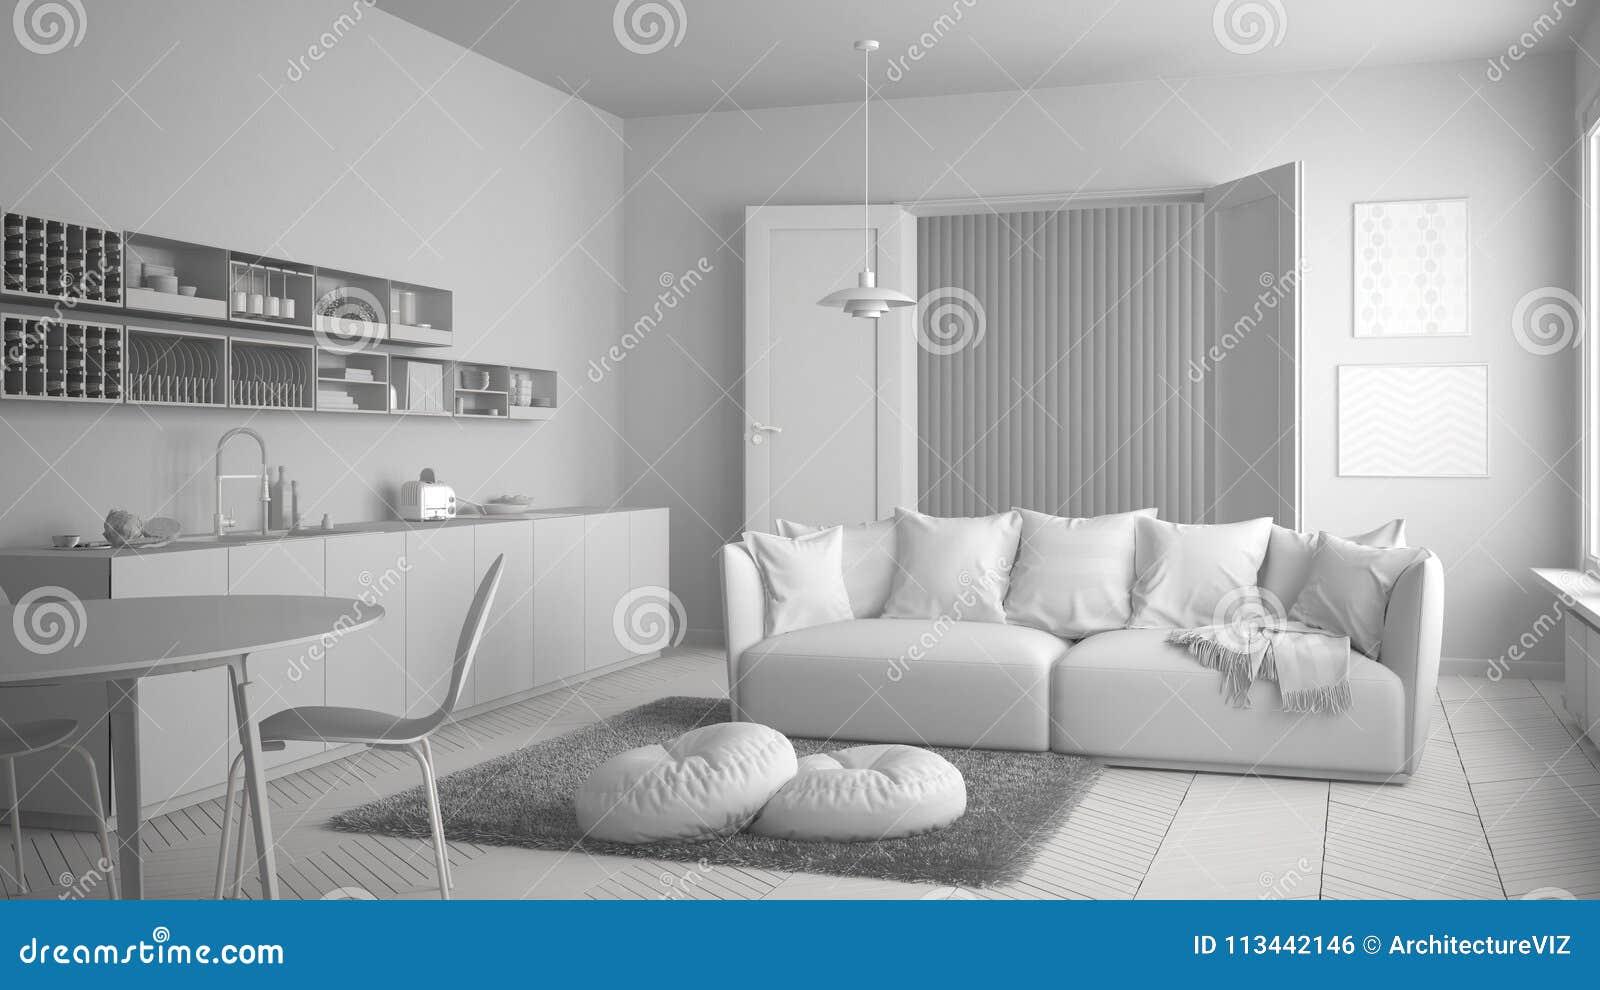 Keuken Interieur Scandinavisch : Totaal wit project van skandinavische moderne woonkamer met keuken